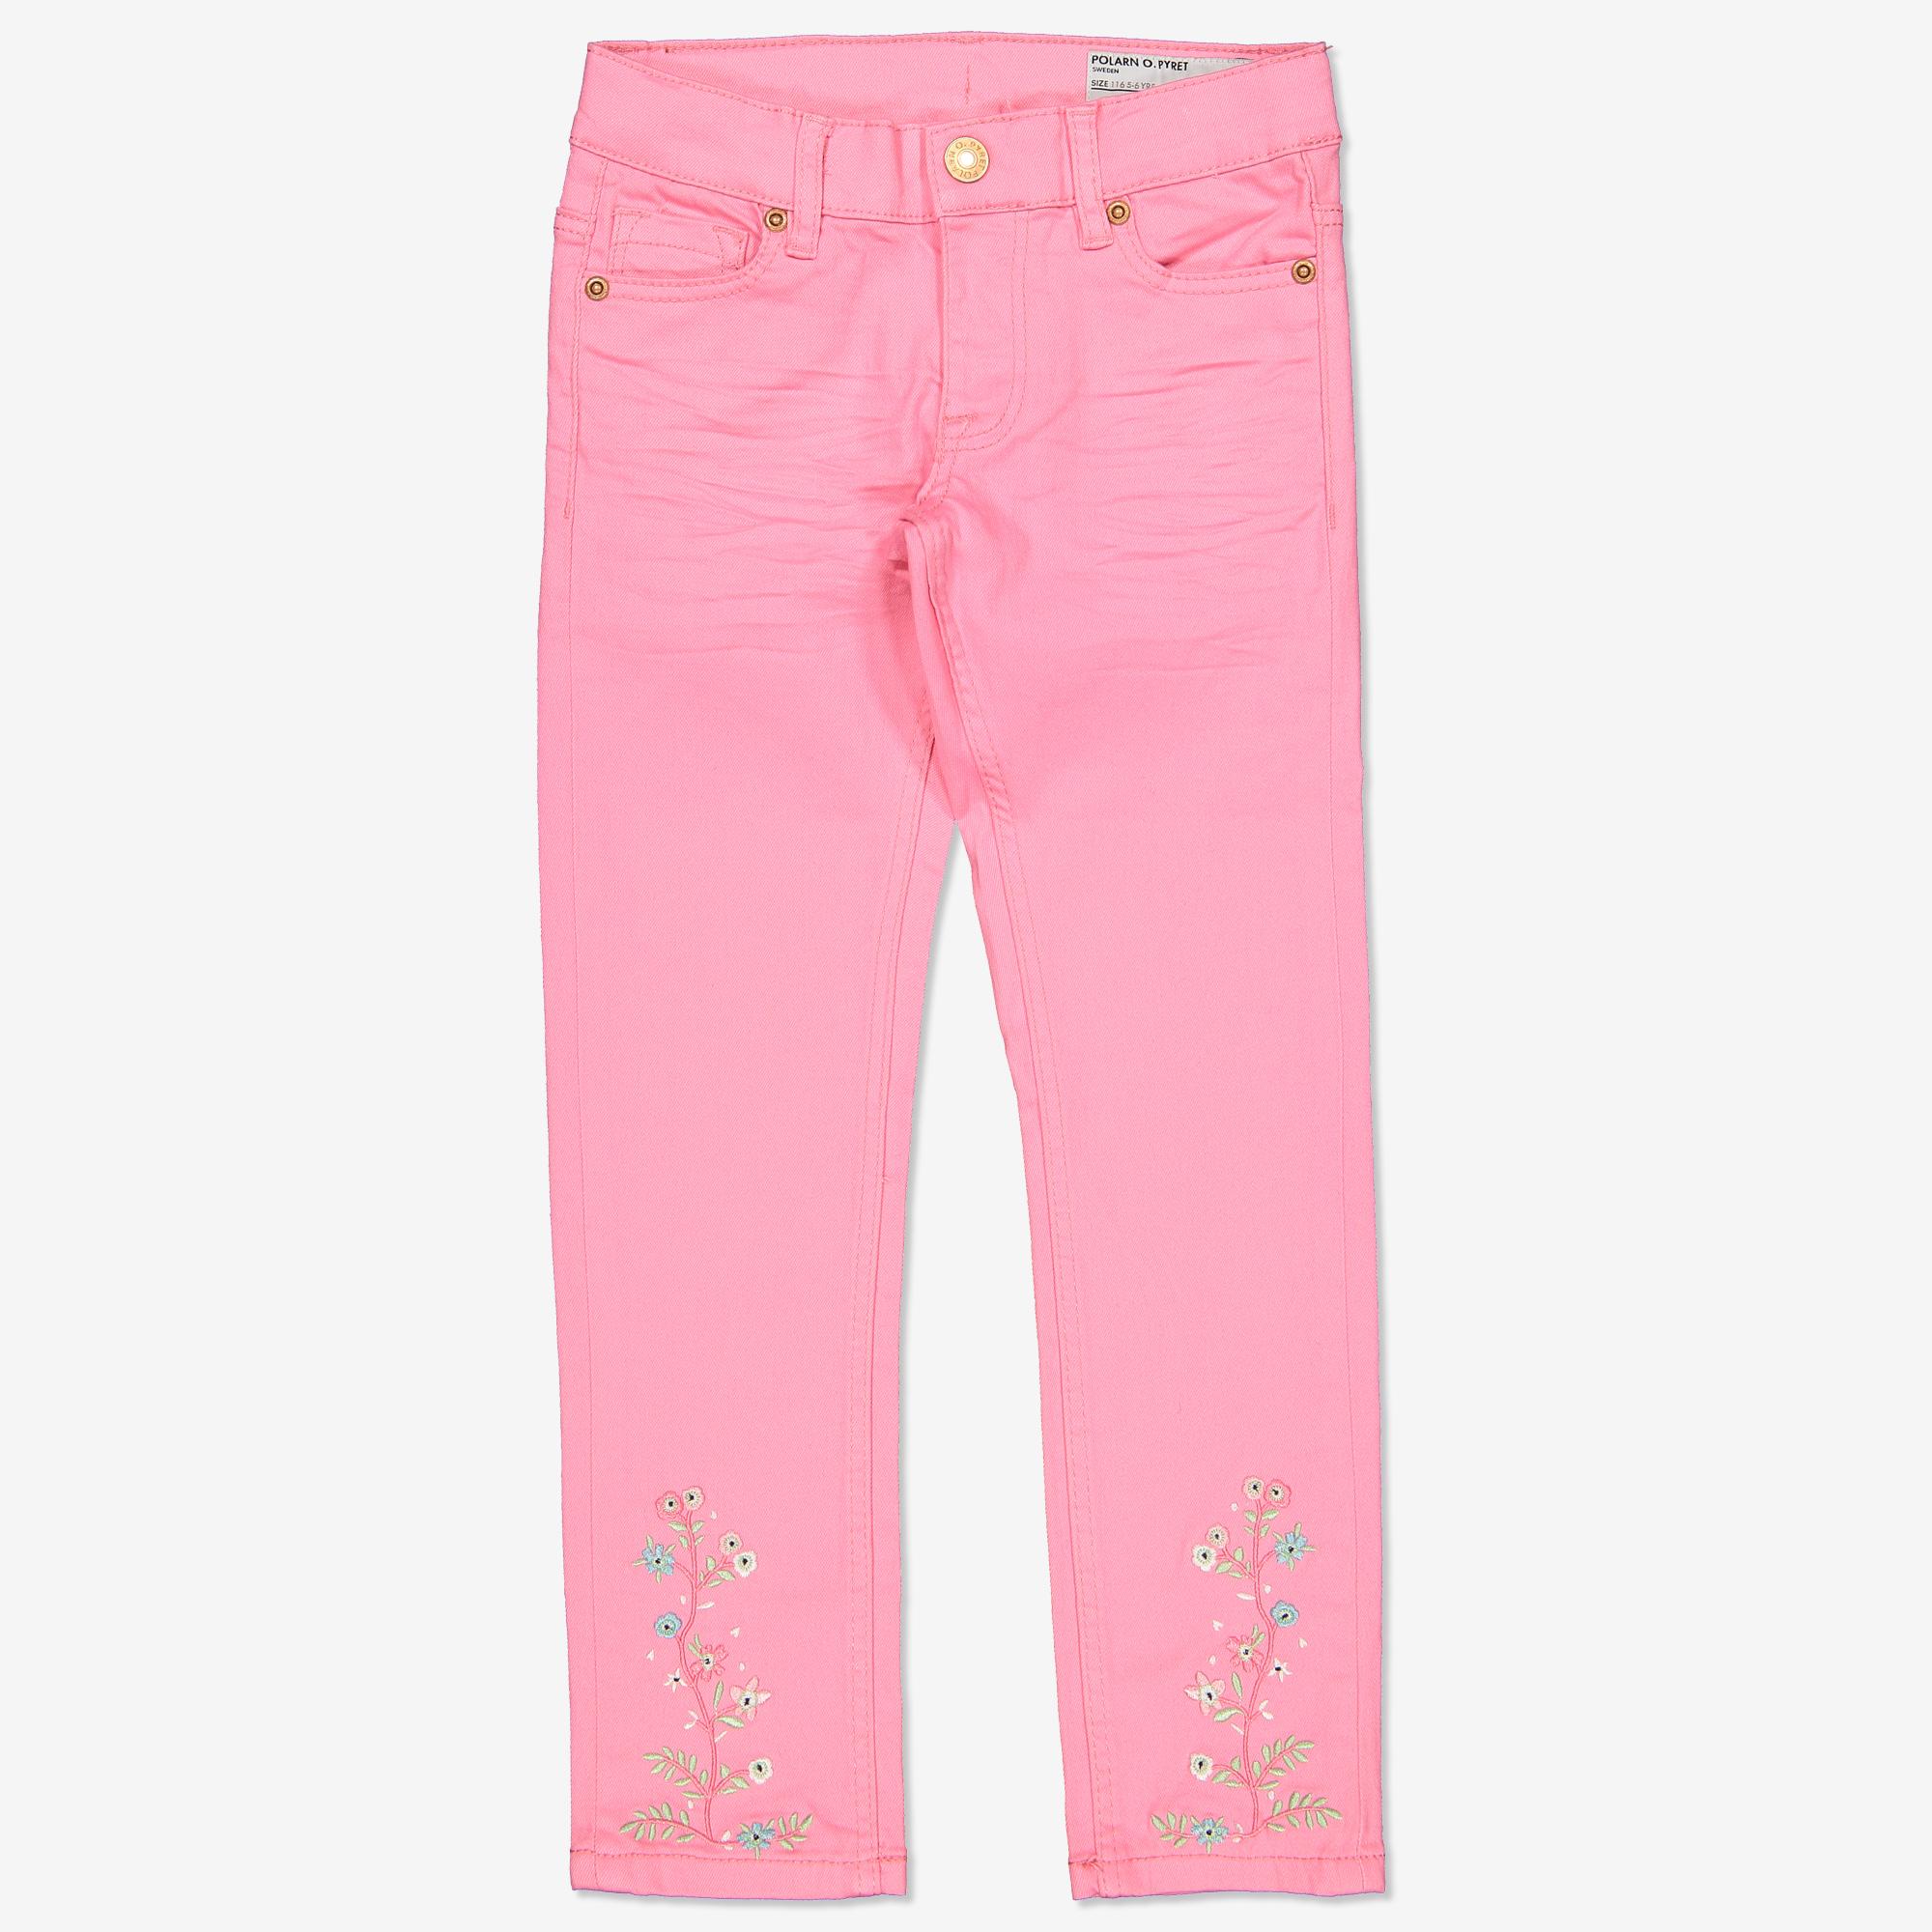 fae10826 Jeans för barn | Sköna & slitstarka kläder | Polarnopyret.se